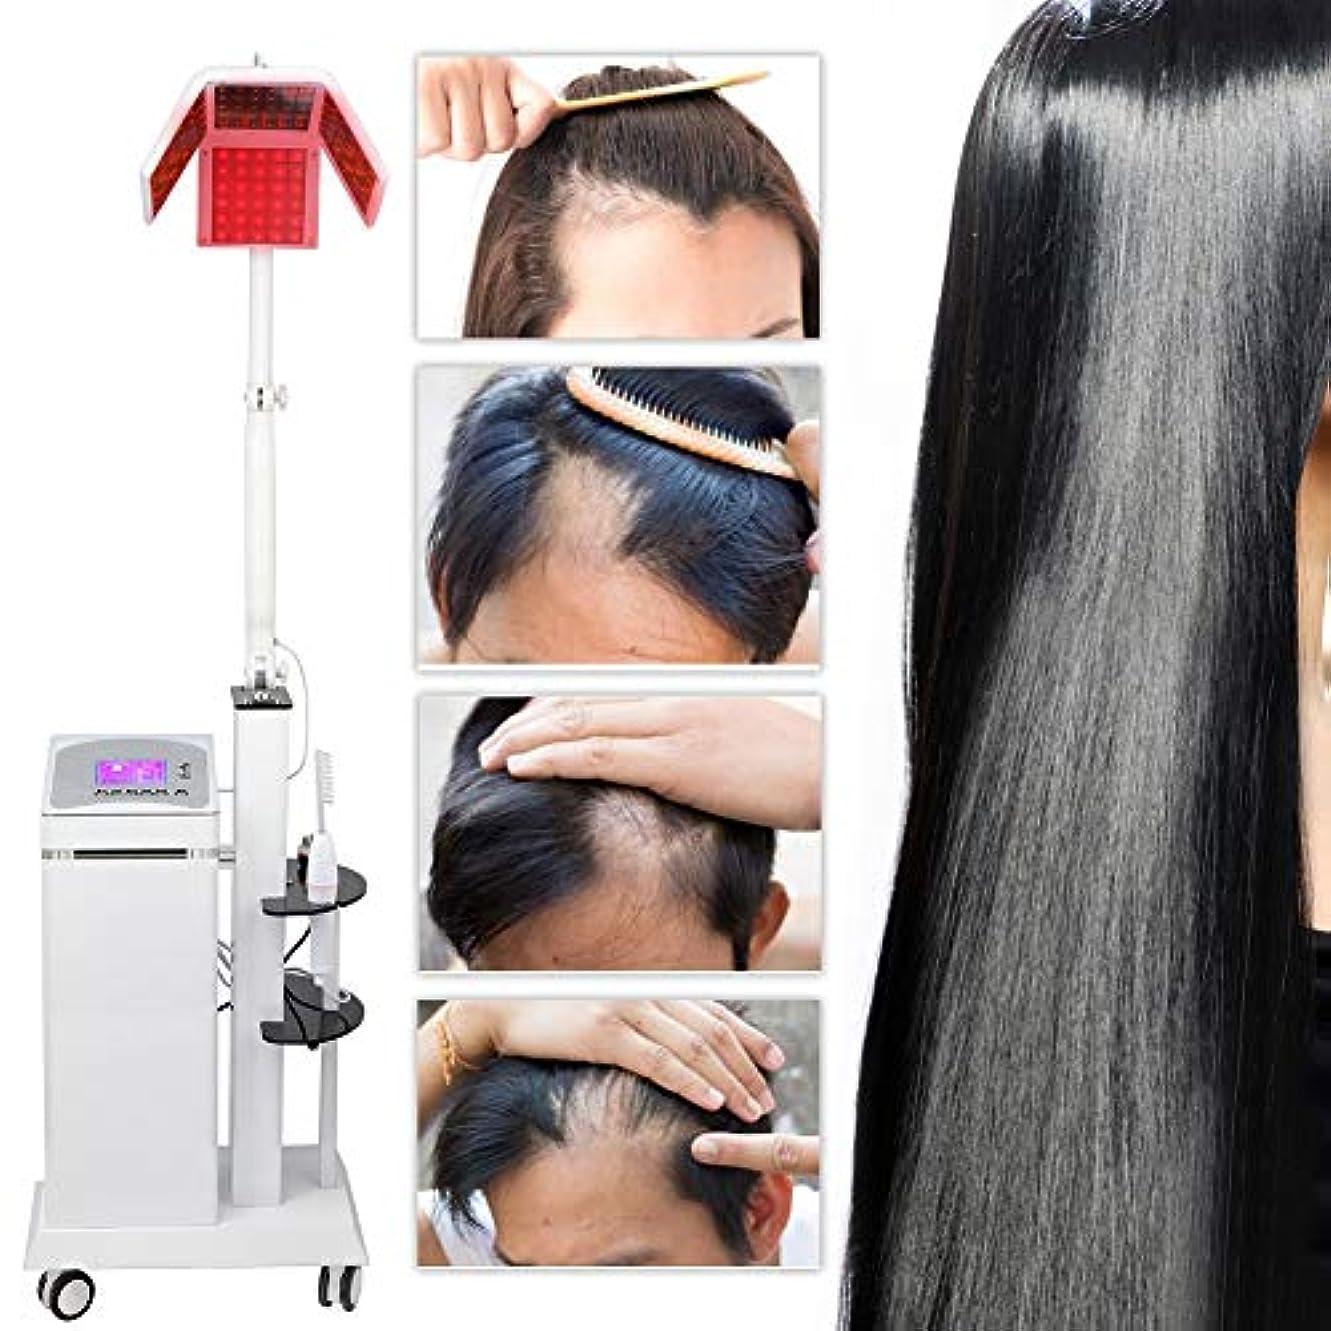 静かににおい繁殖脱毛機、ユニセックスアンチ脱毛クリアシンニングヘルメットシステム成長器具ヘアケアジェネレーターデバイス